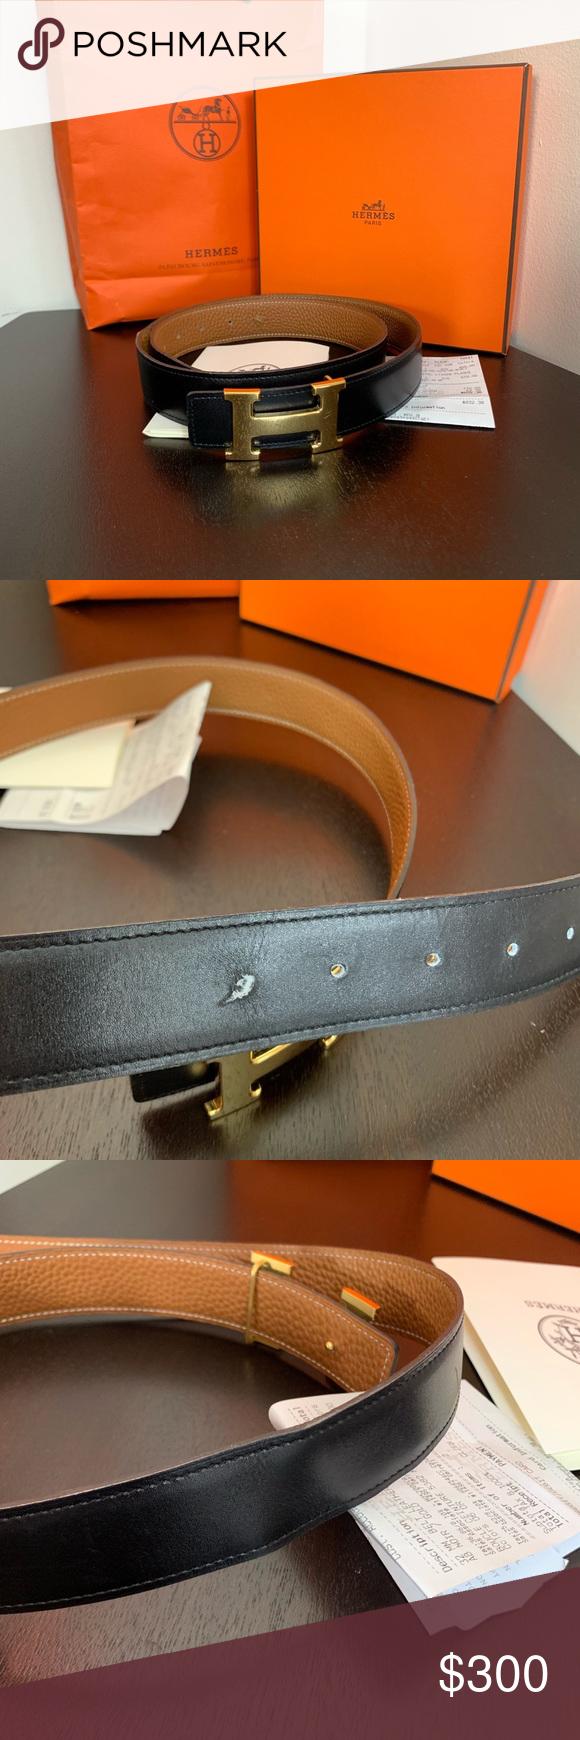 Authentic Women S Hermes Belt Hermes Belt Belt Hermes Accessories